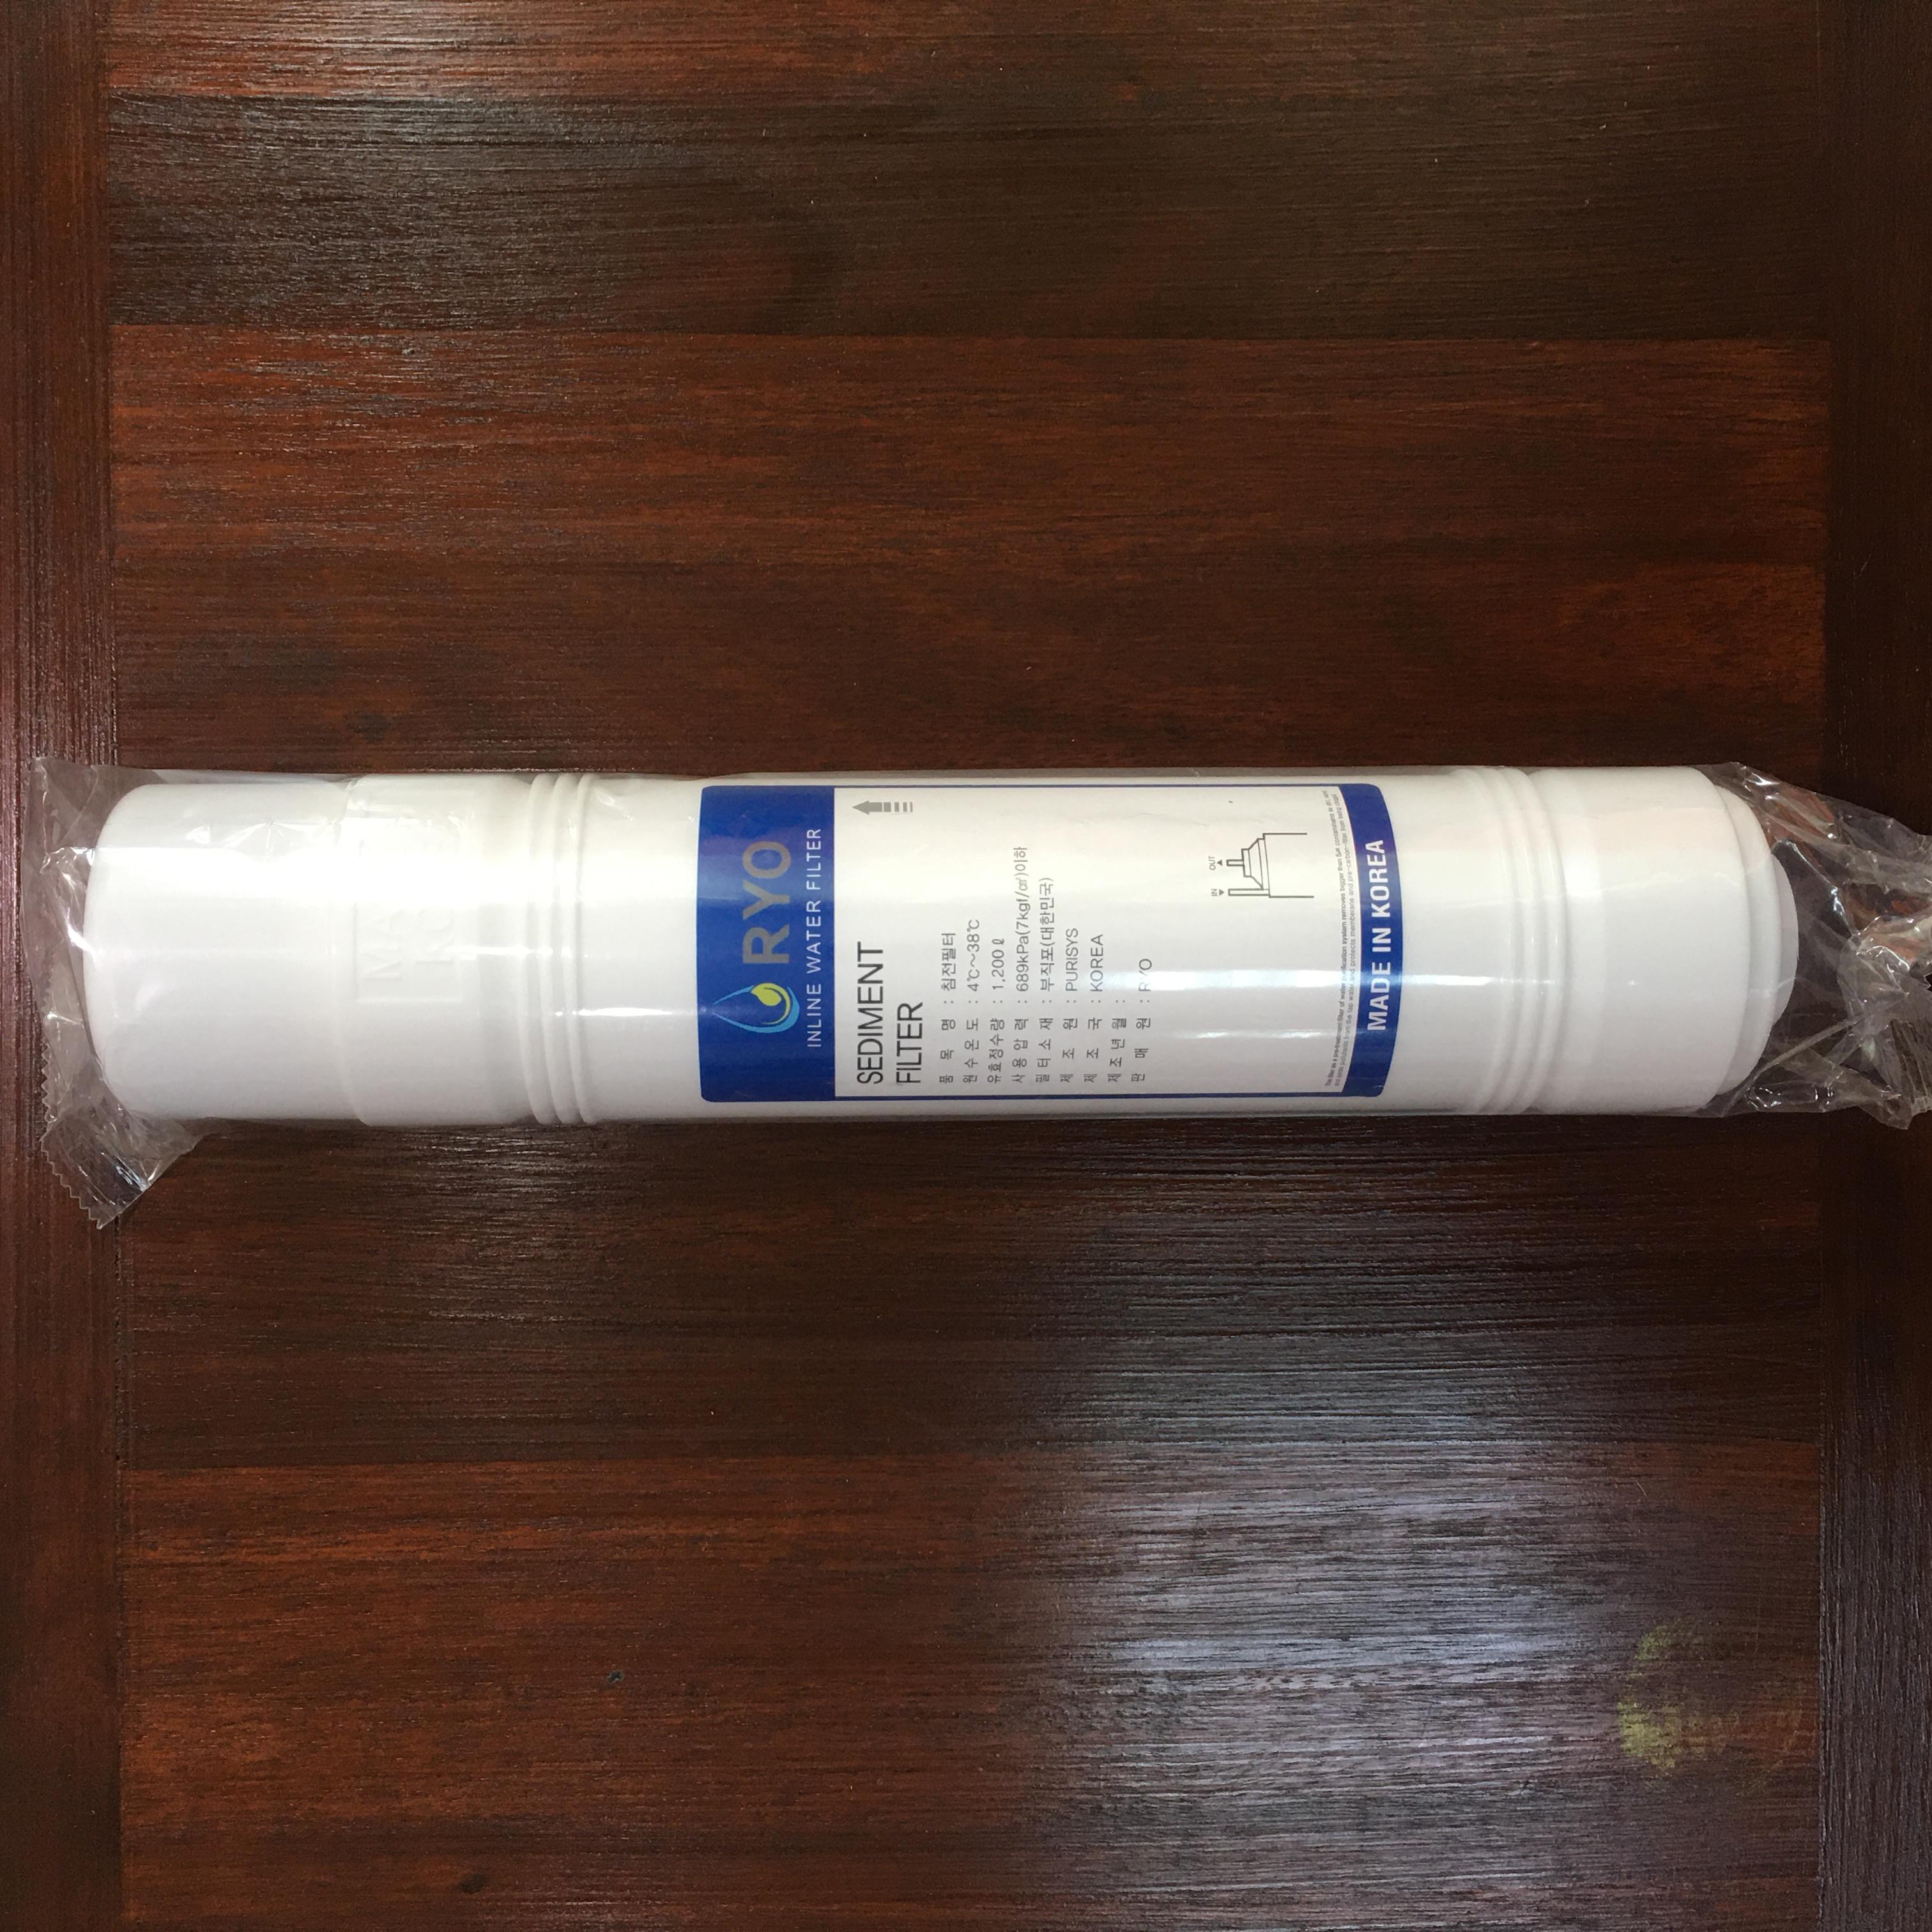 Lõi Sediment Filter RYO HYUNDAI WACORTEC RP-01 - Lõi Lọc Nước Hàn Quốc - Hàng Chính Hãng